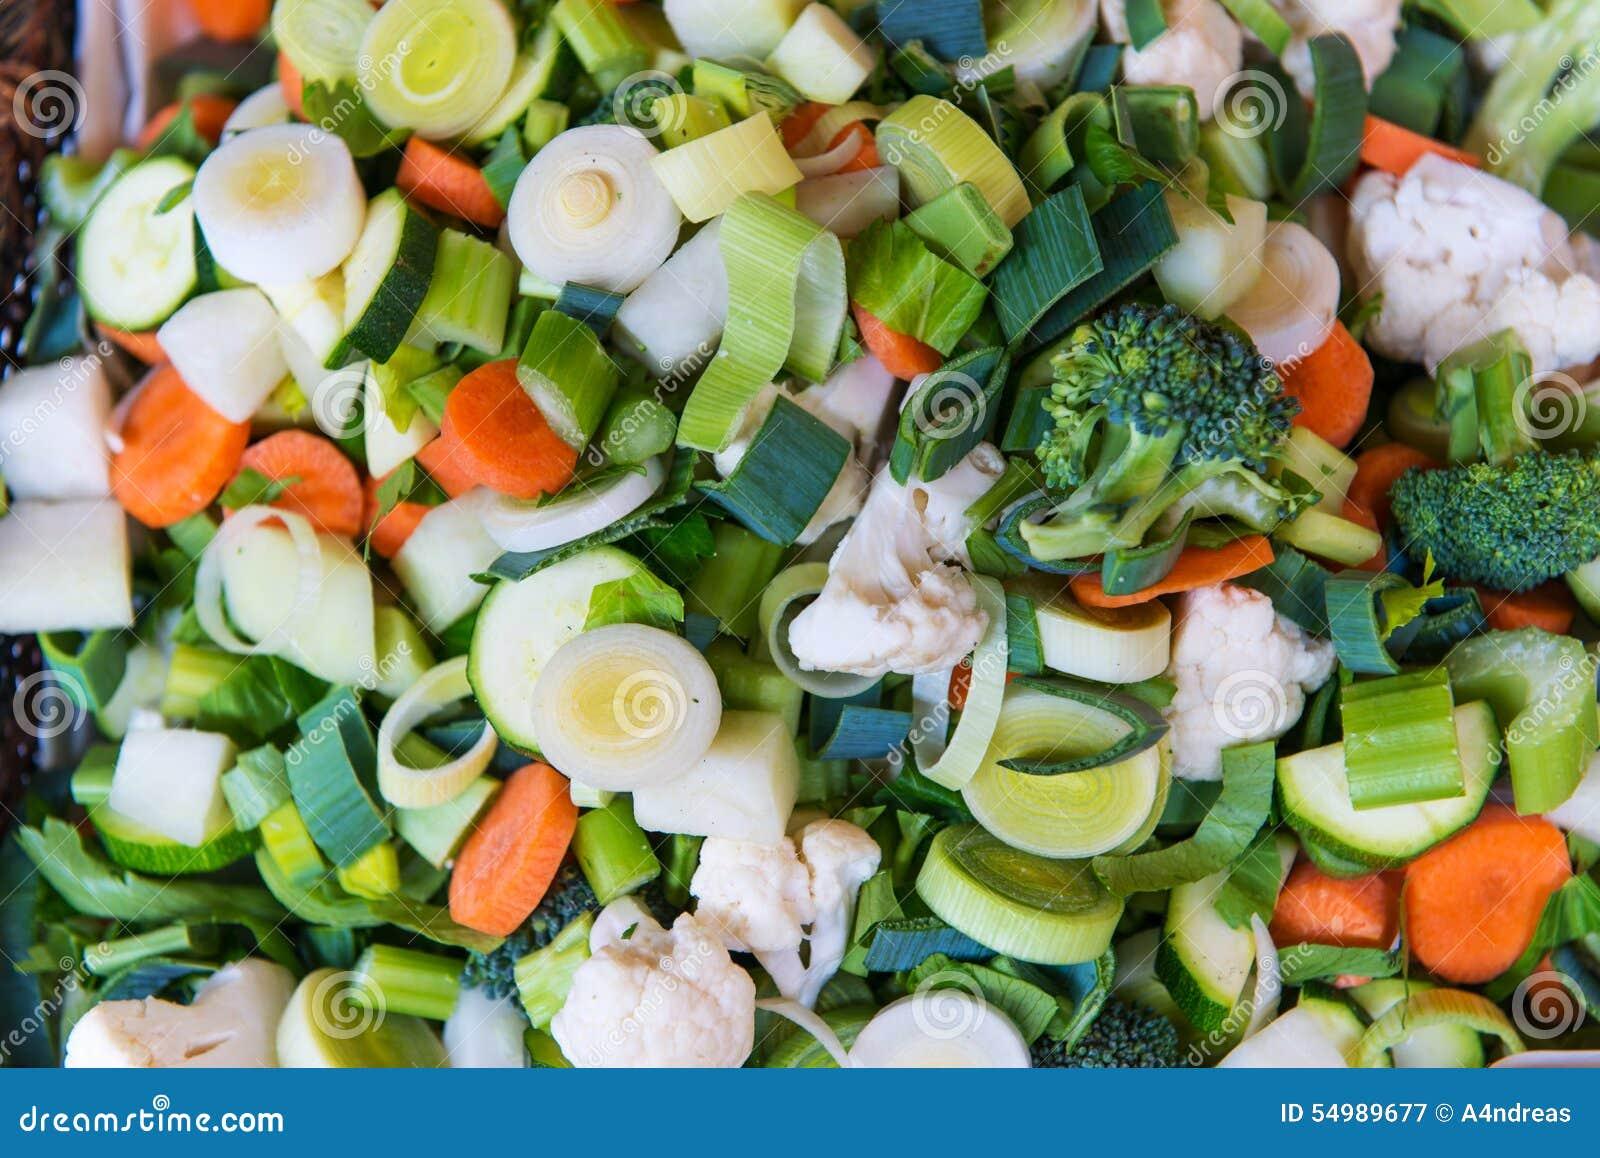 Bot skivad ny grönsak